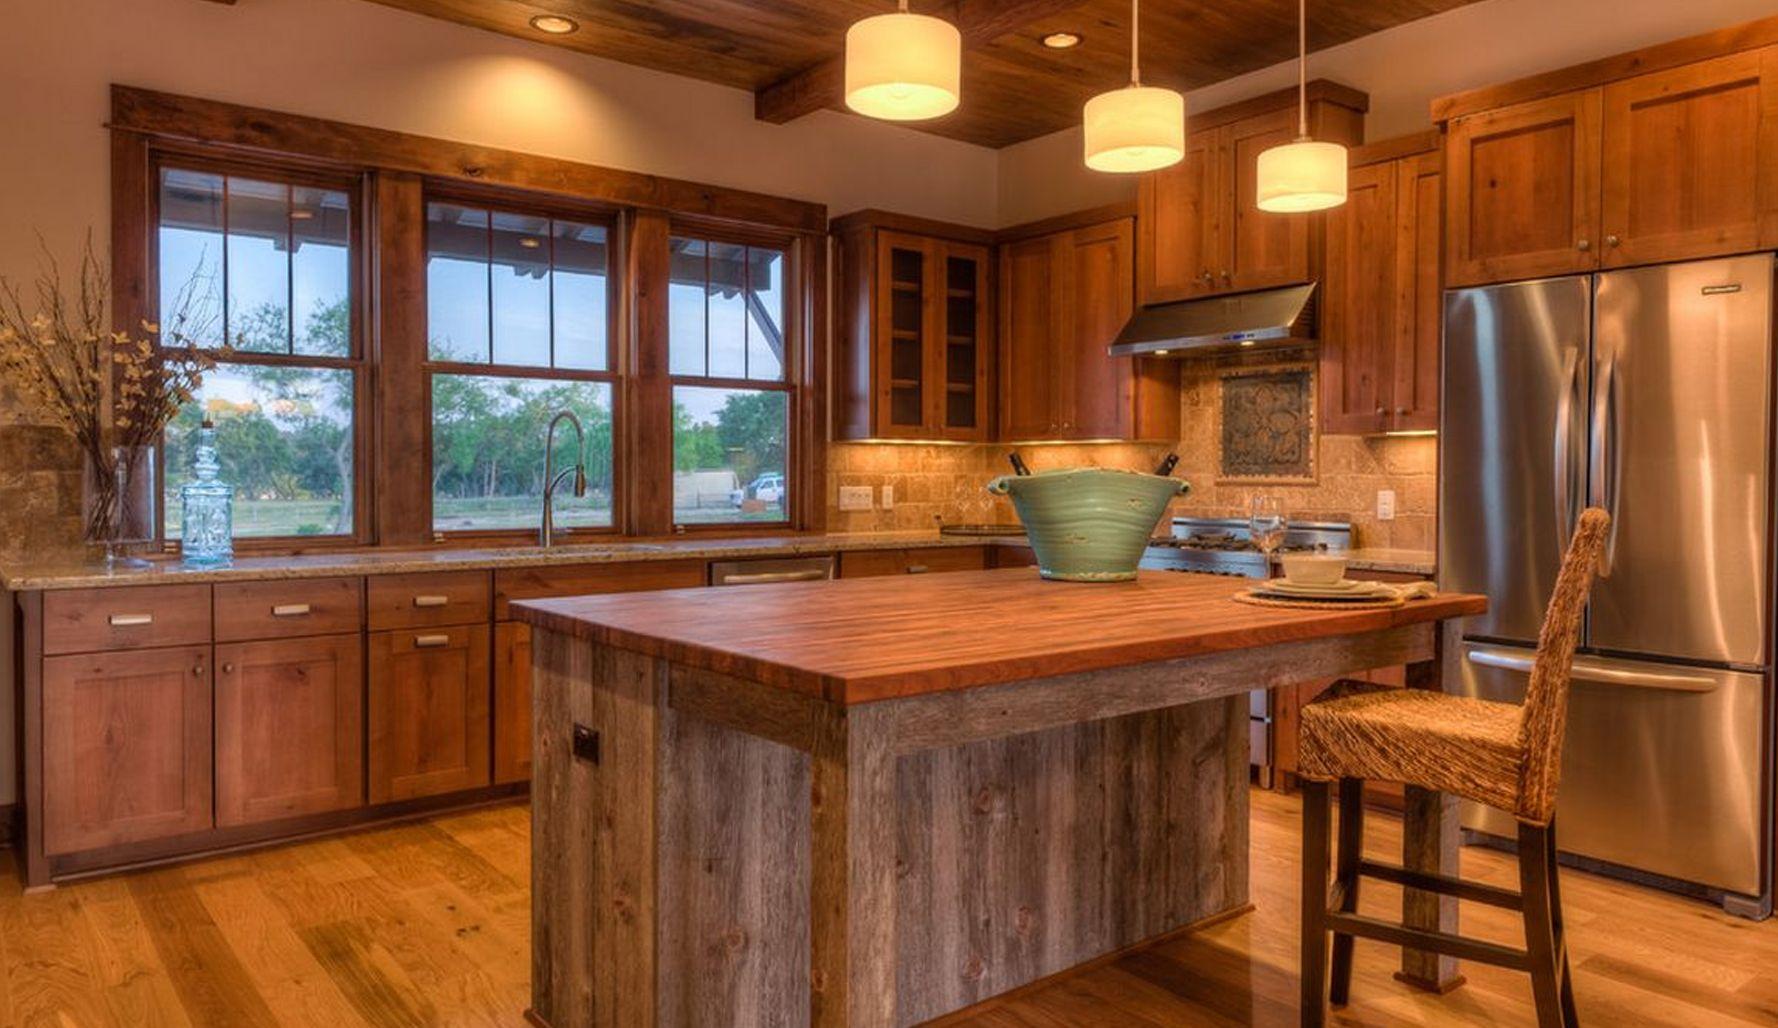 Muebles de cocina rusticos buscar con google hogar - Muebles cocinas rusticas ...